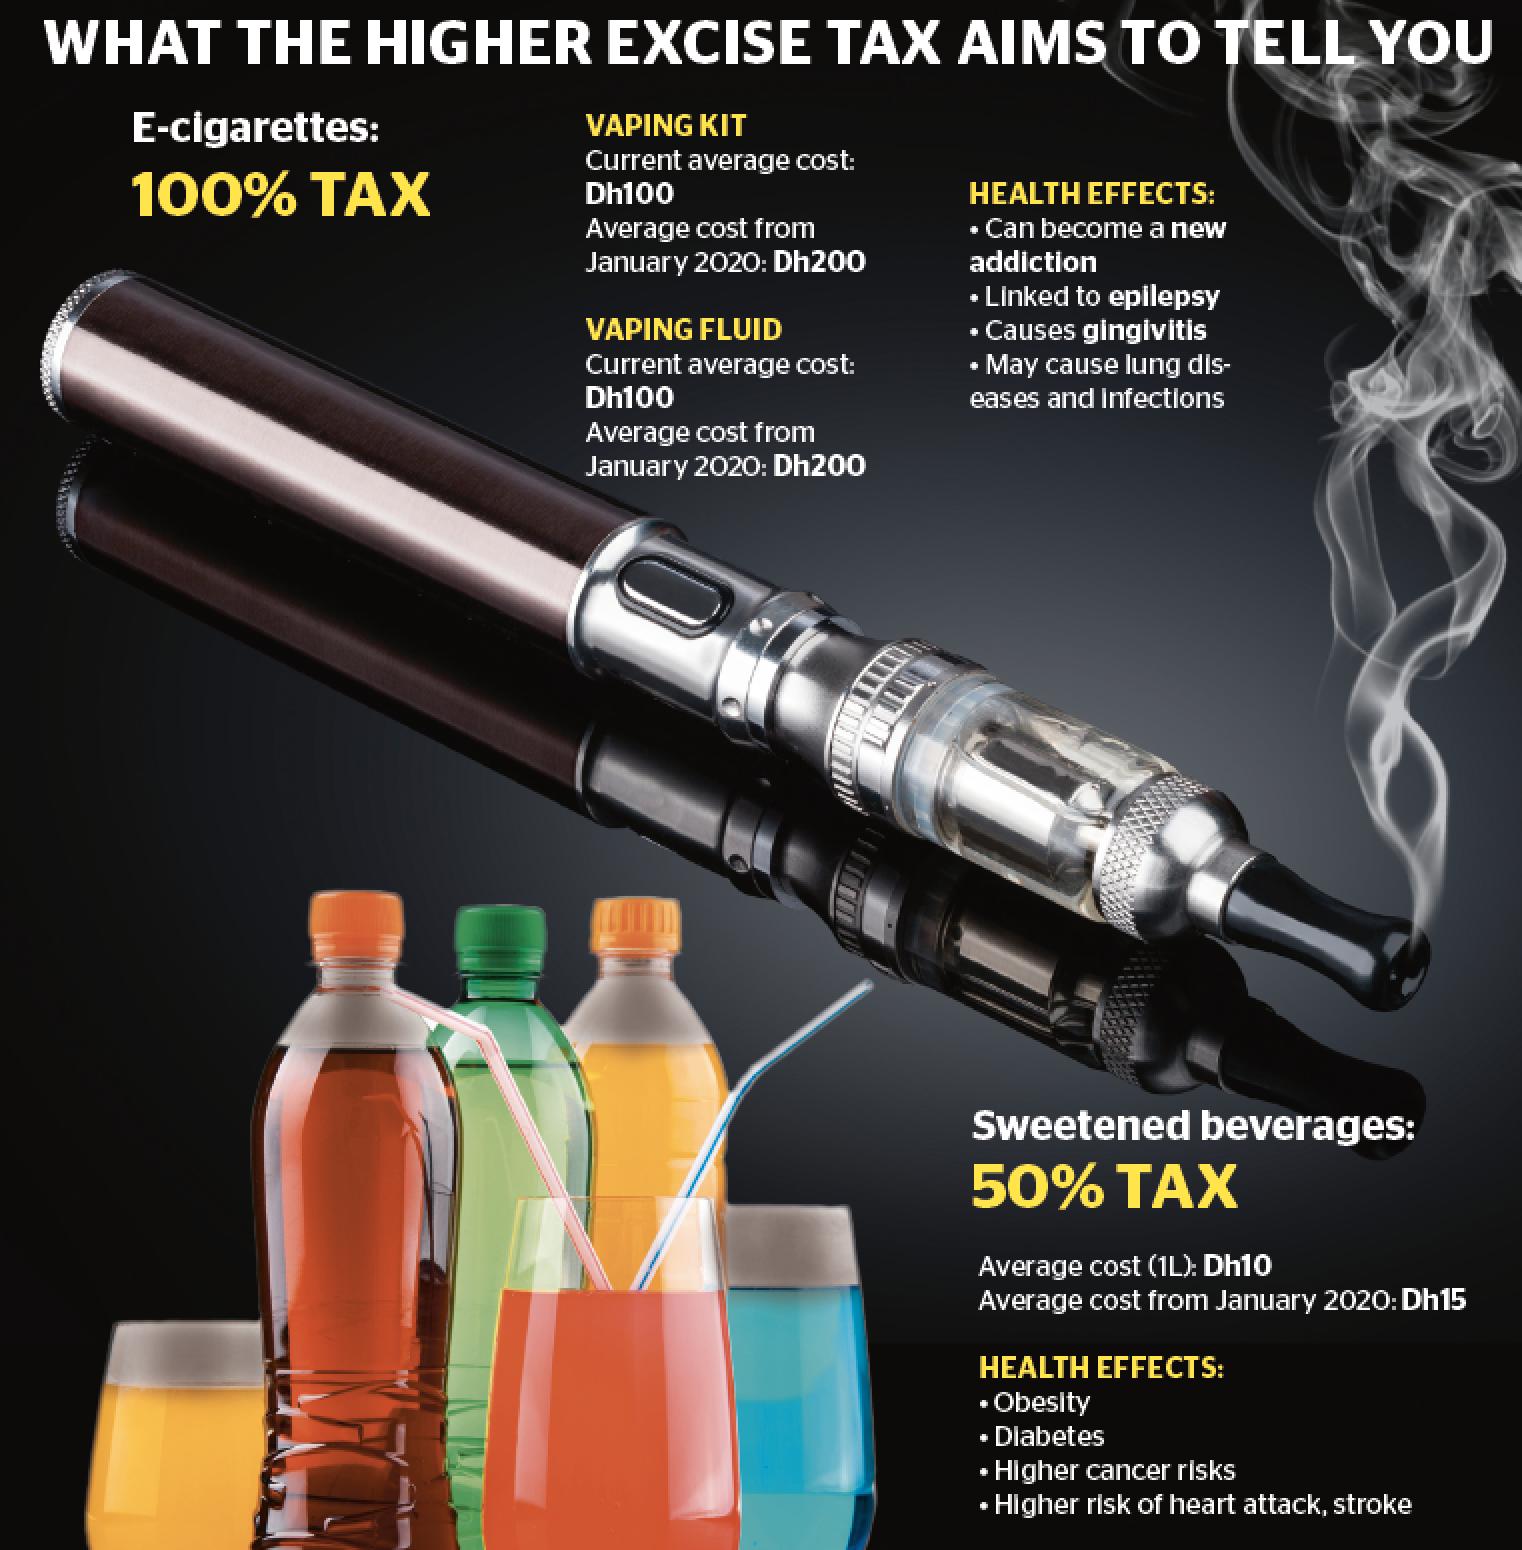 امارات متحده عربی: طرفداران سیگار و نوشیدنیهای شیرین مالیات بدهند